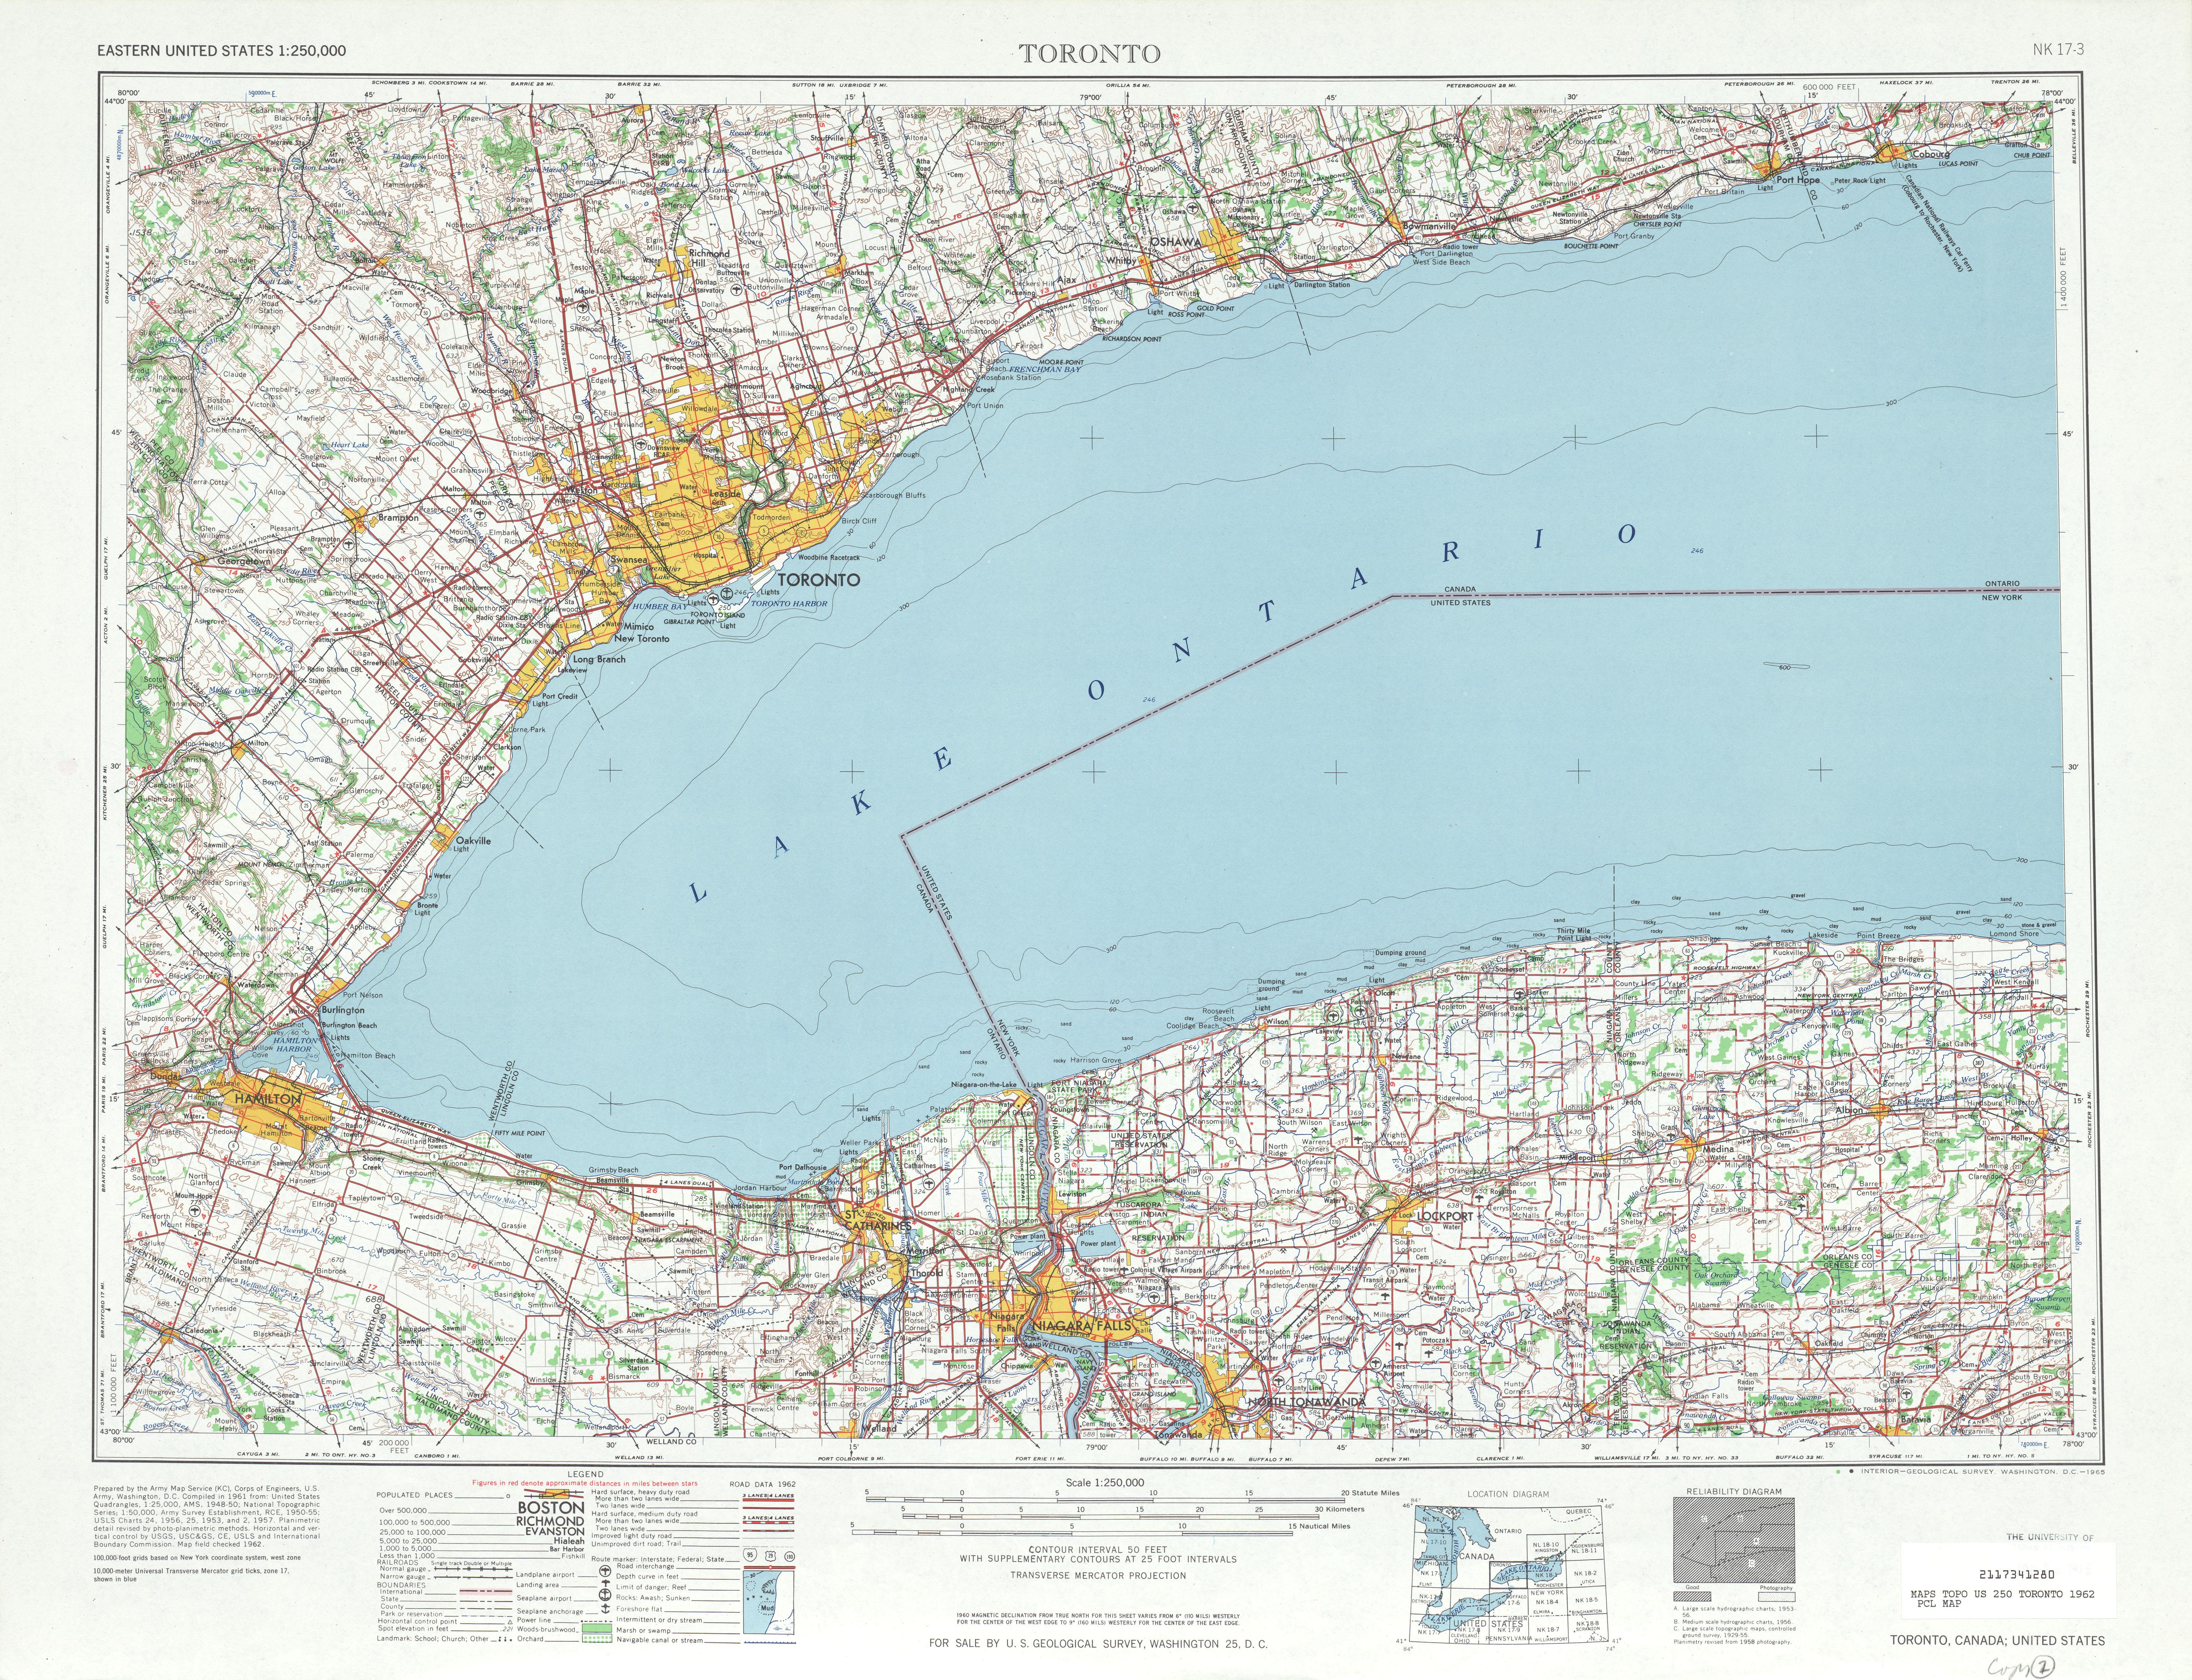 Hoja Toronto del Mapa Topográfico de los Estados Unidos 1962